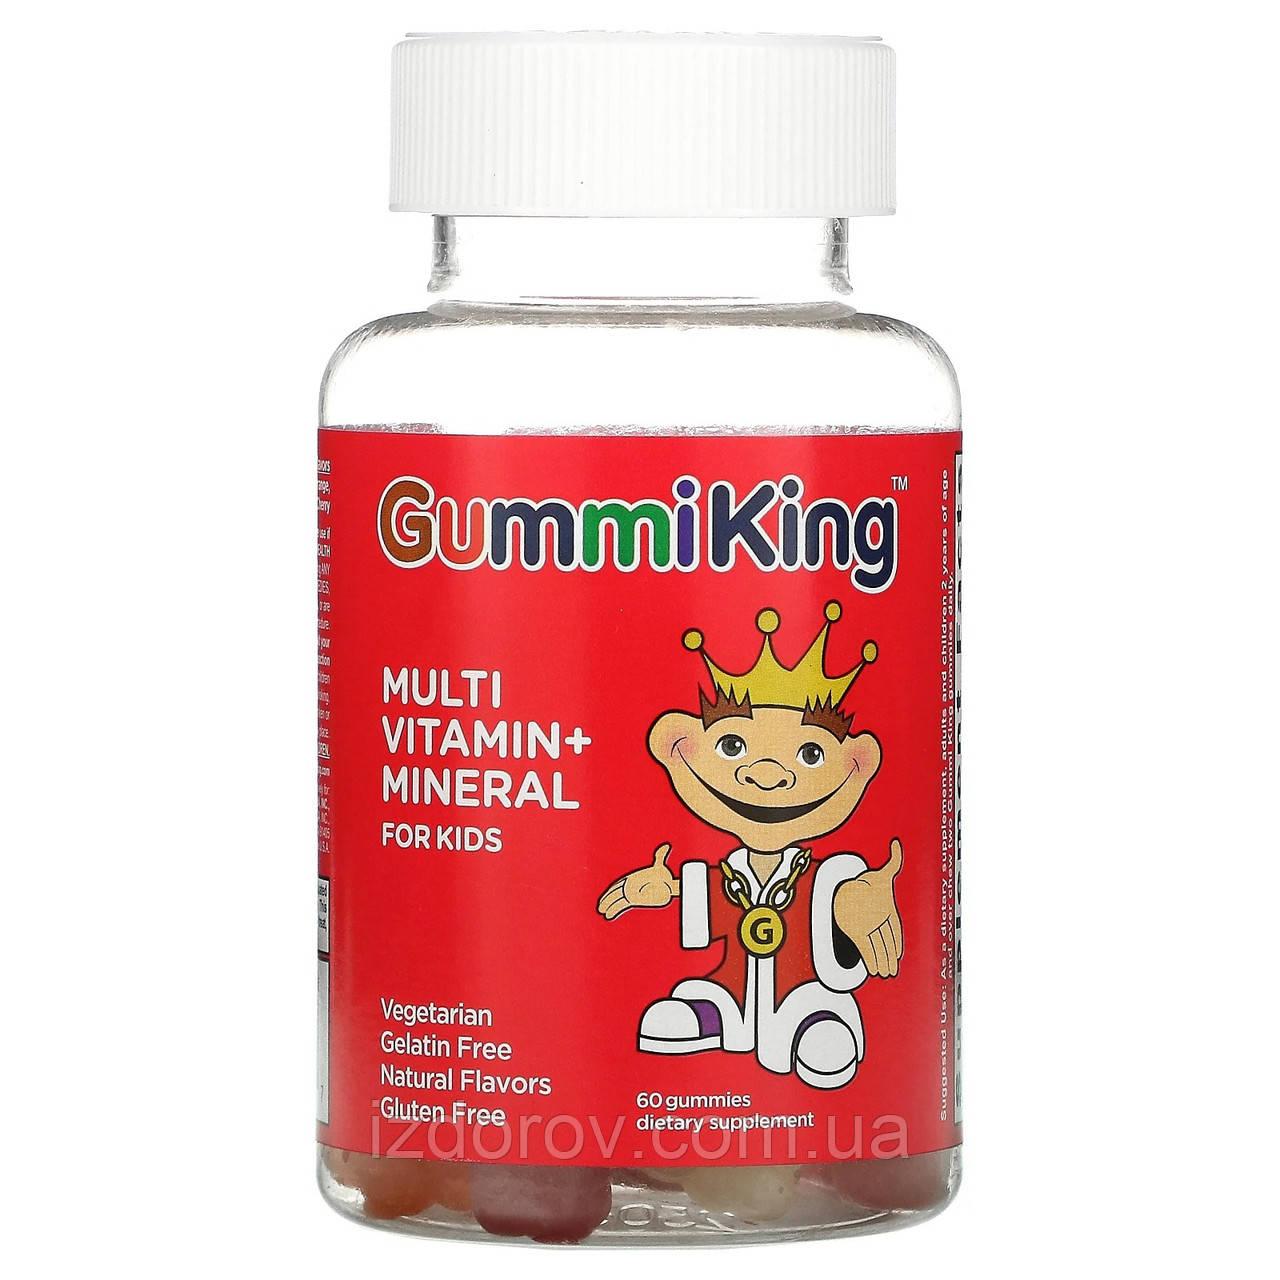 GummiKing, Вітаміни і мінерали для дітей, Multi Vitamin Mineral For Kids, 60 жувальних мармеладок